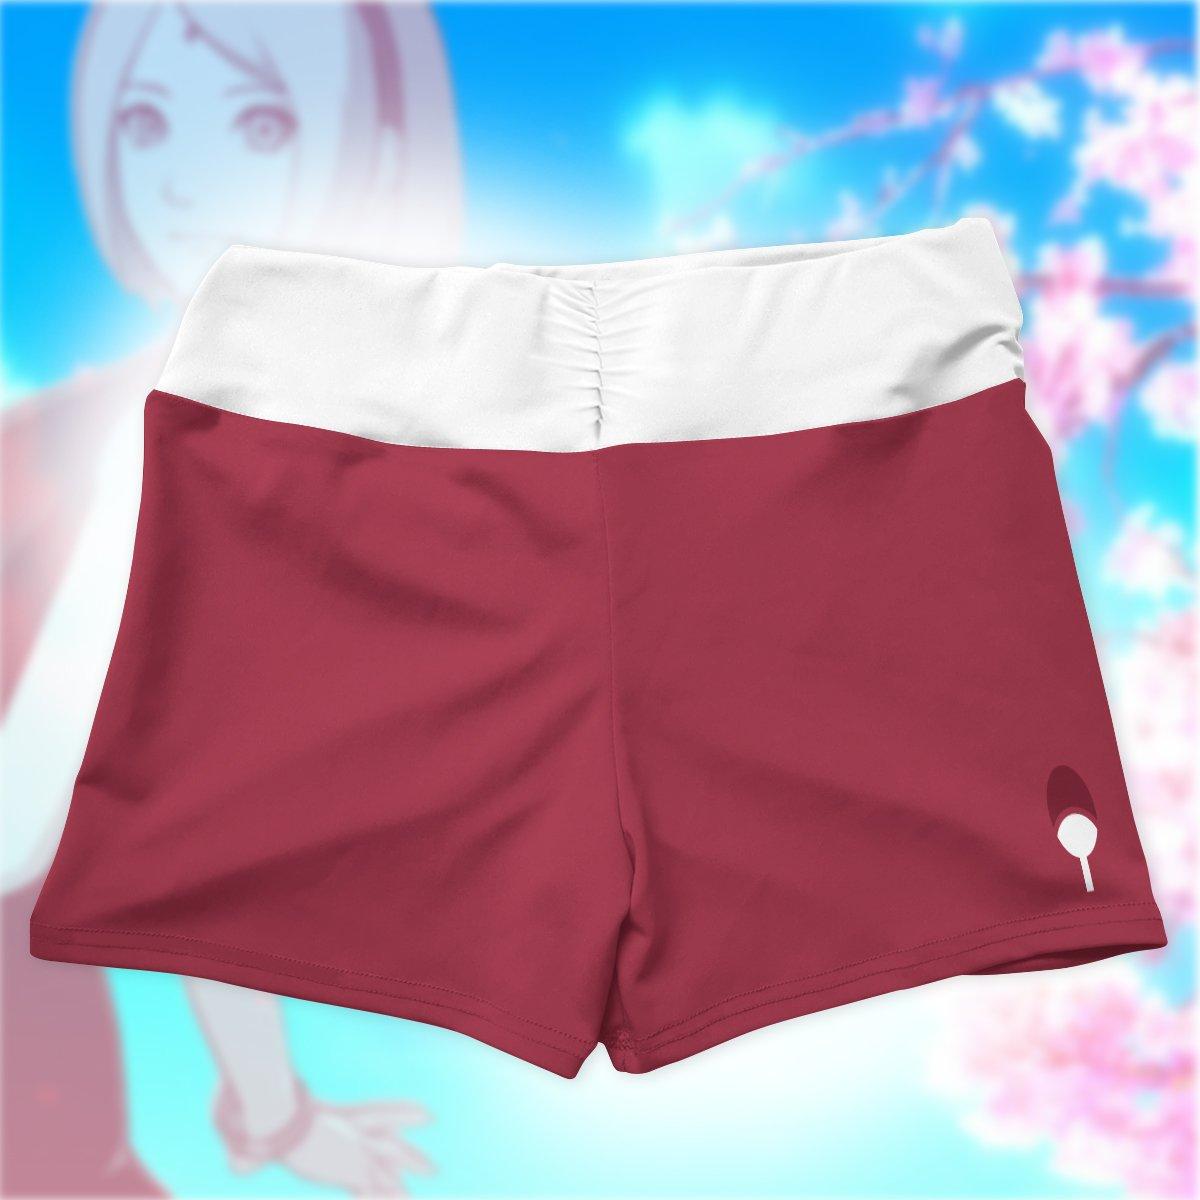 sakura summer active wear set 443279 - Anime Swimsuits